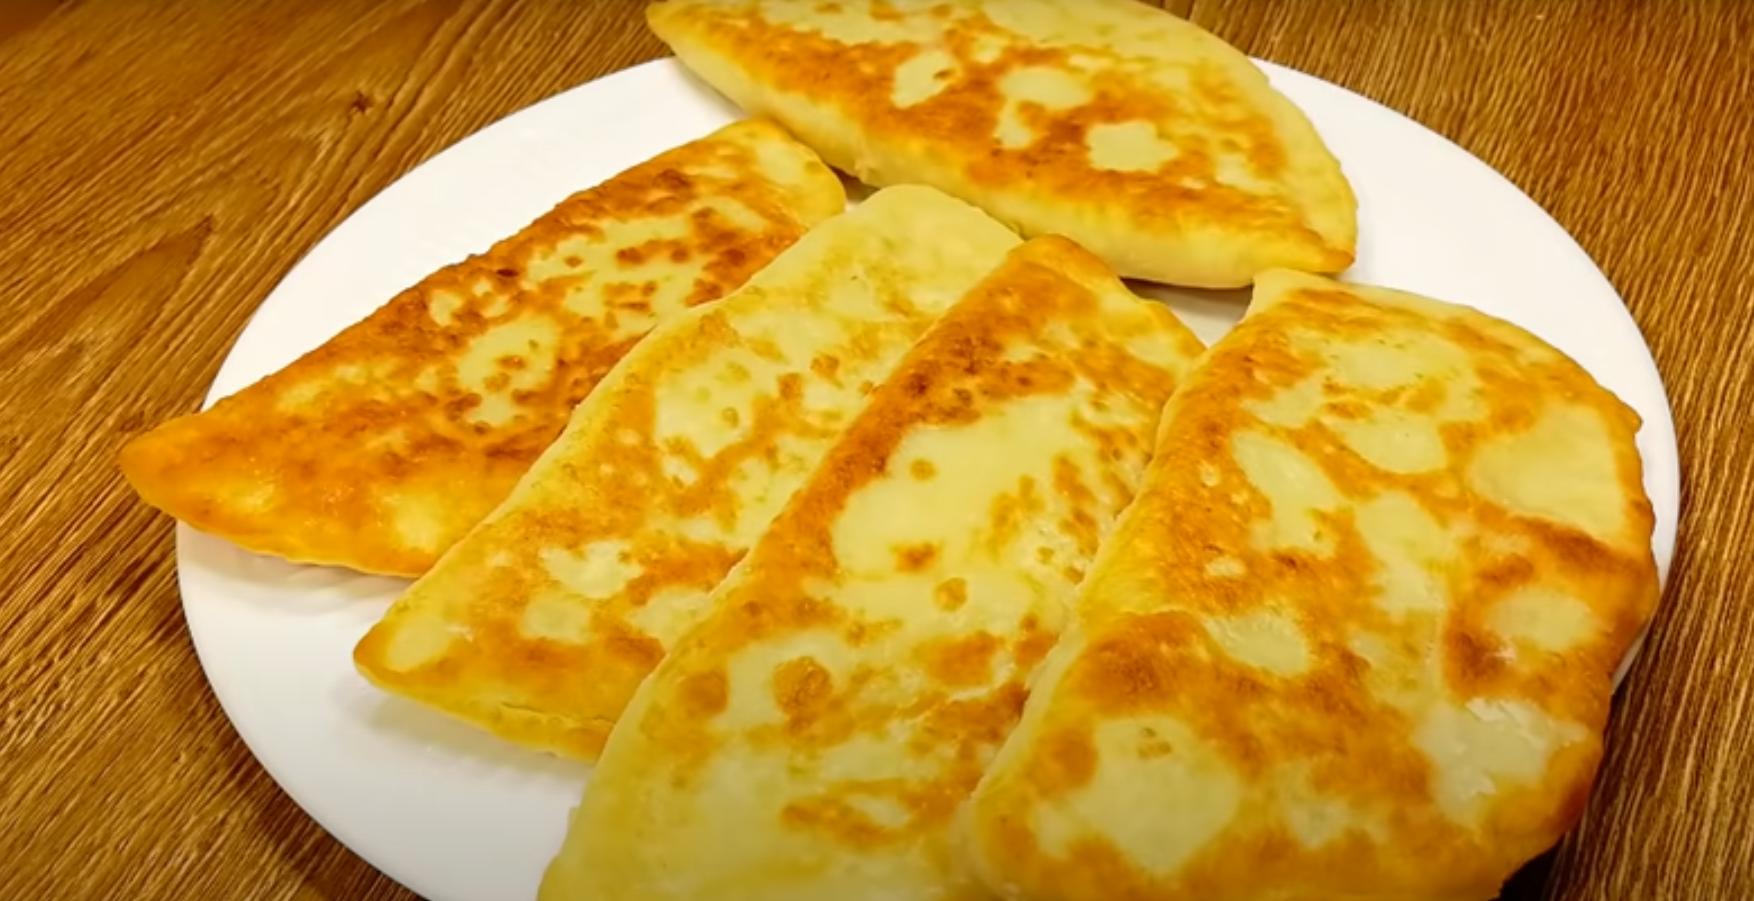 «Пирожки с картошкой» наоборот – аппетитные и нежные пирожки из картофельного теста с кабачковой начинкой